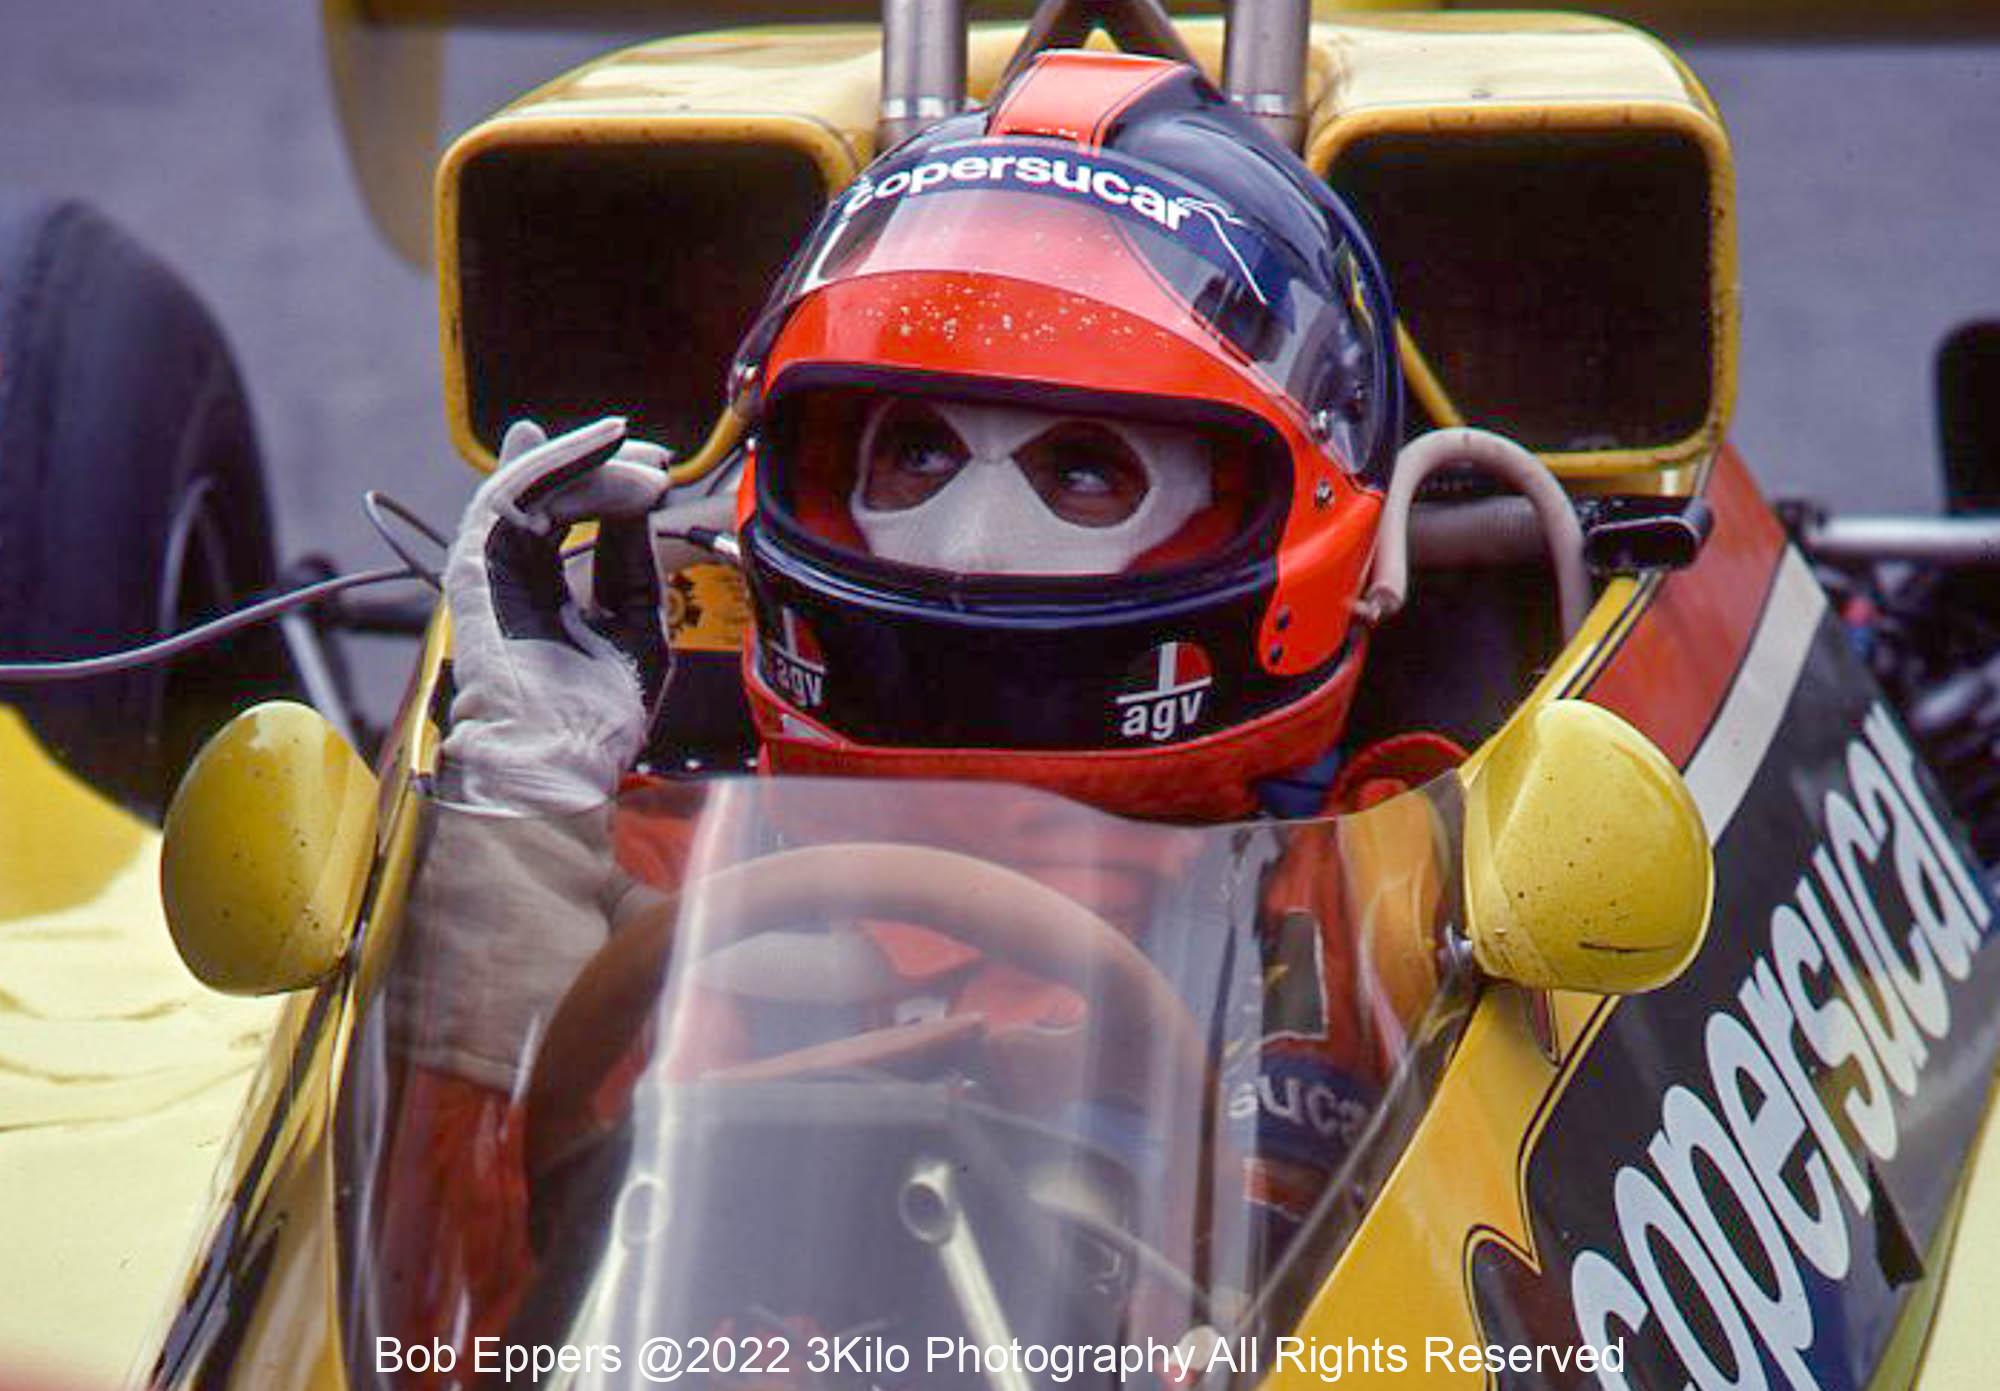 Photo of F1 Copersucar with driver Emerson Fittipaldi  1977 F1 LBGP